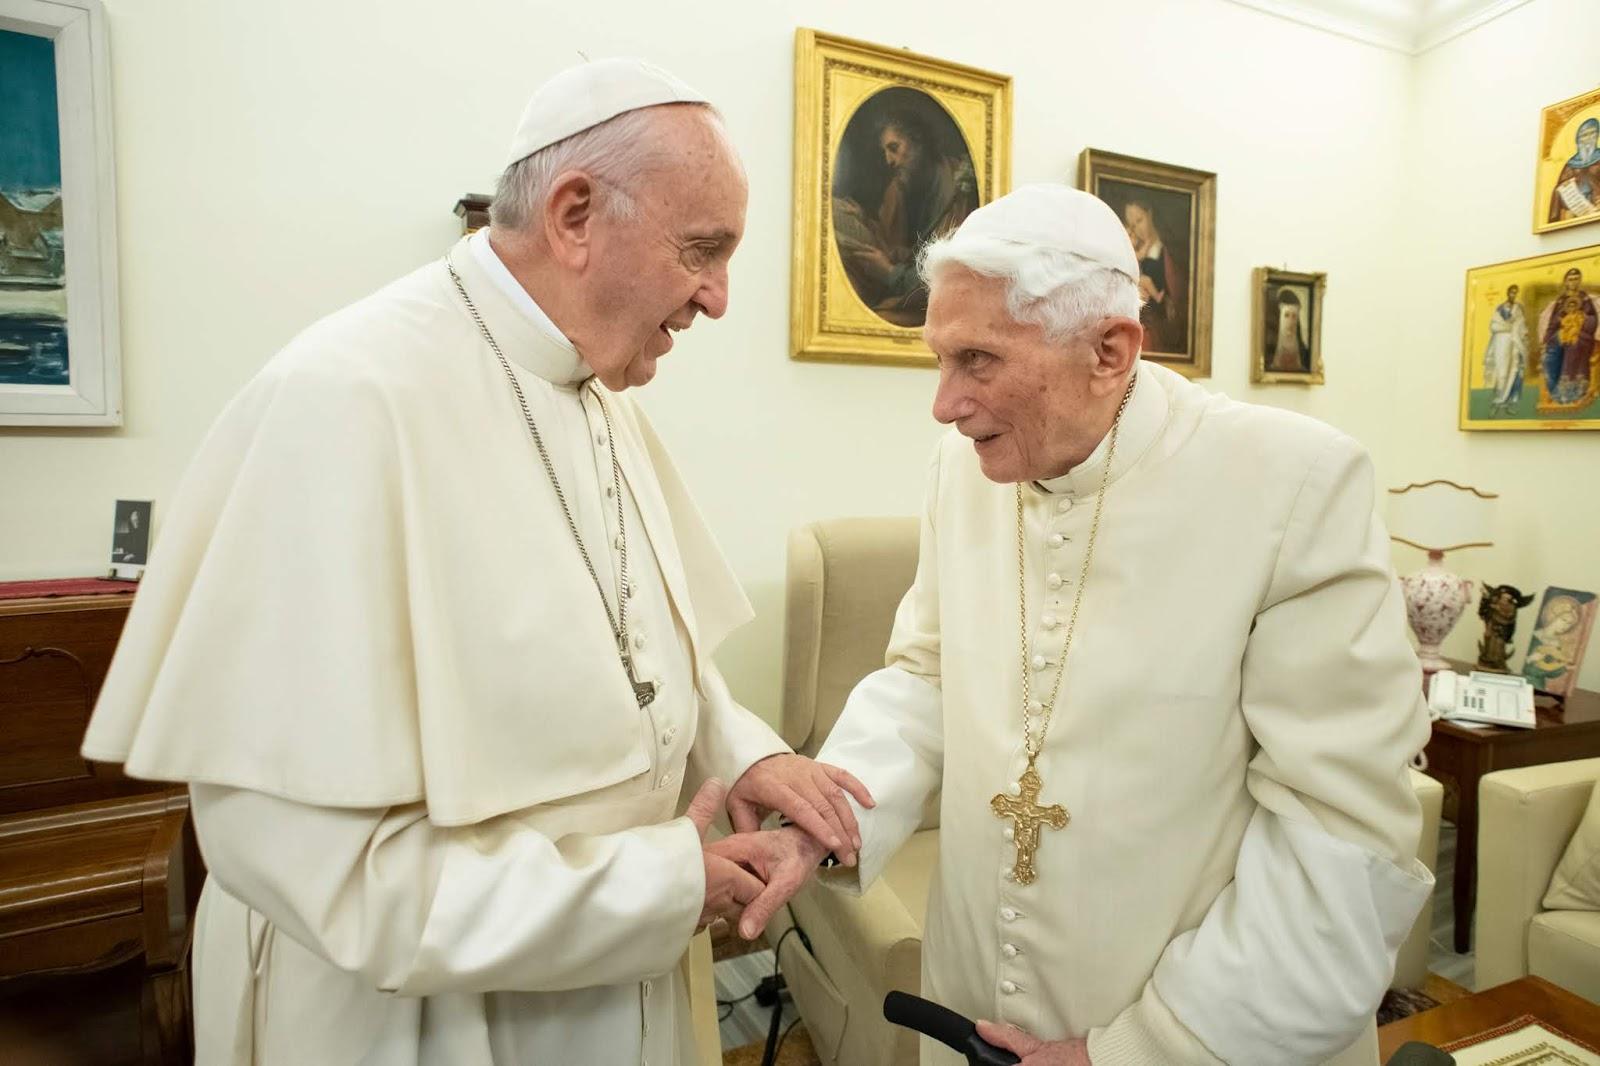 El Vaticano desmiente los rumores sobre la salud de Benedicto XVI